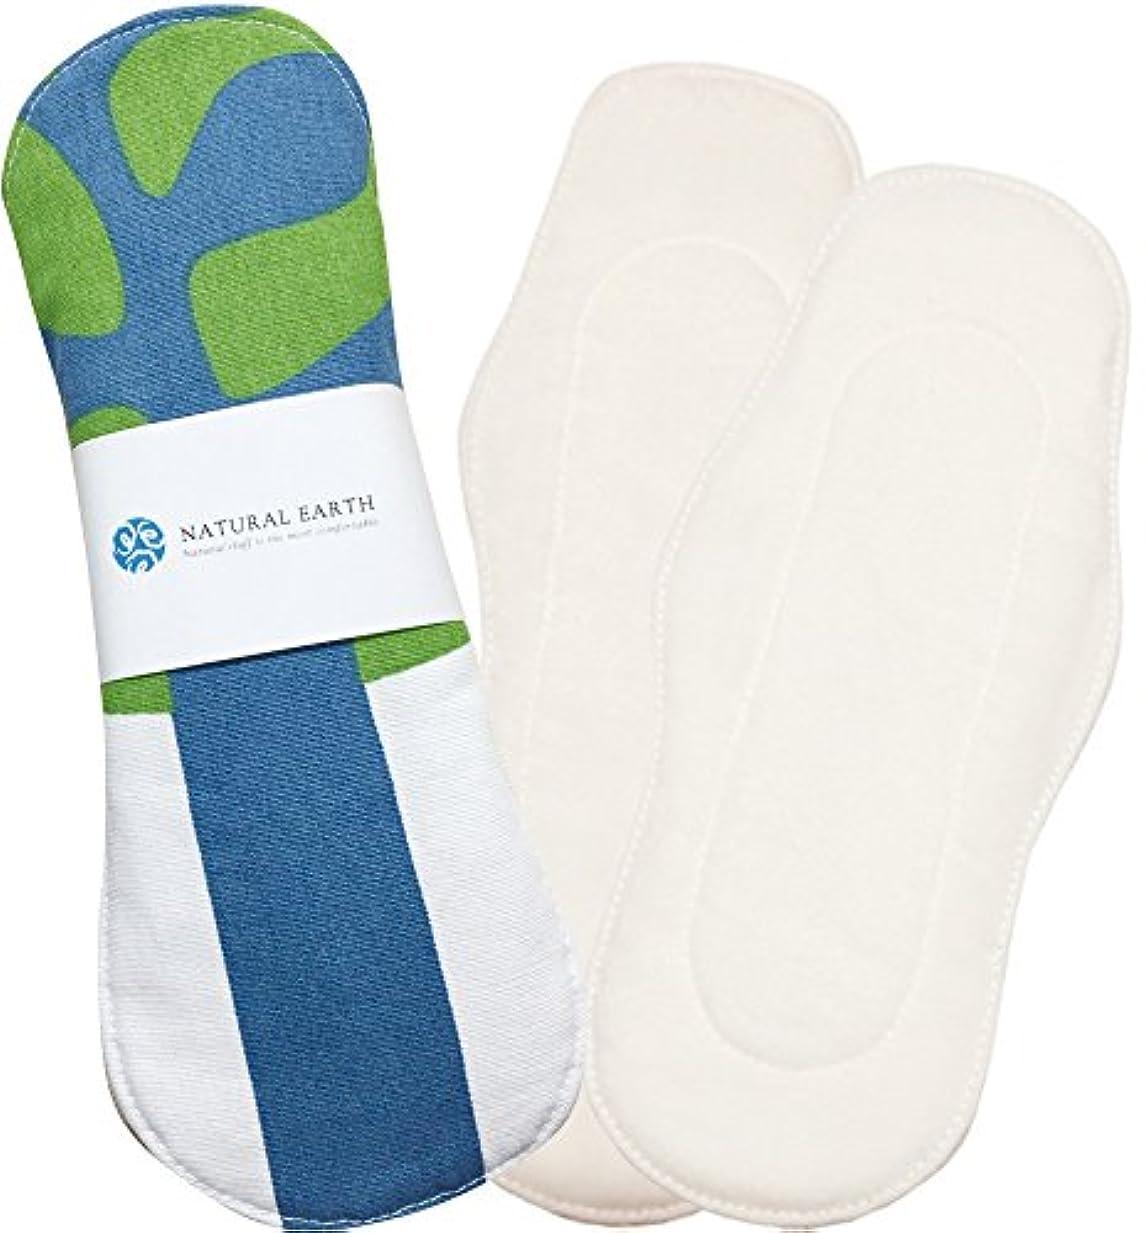 ちょうつがい大佐コマンドNATURAL EARTH [ナチュラルアース] 布ナプキン初めてセット パッド型 手作り 布ナプキン 防水布付き 【ウッズホワイト 7点セット】 <防水布を使用していますのでモレずに安心!>